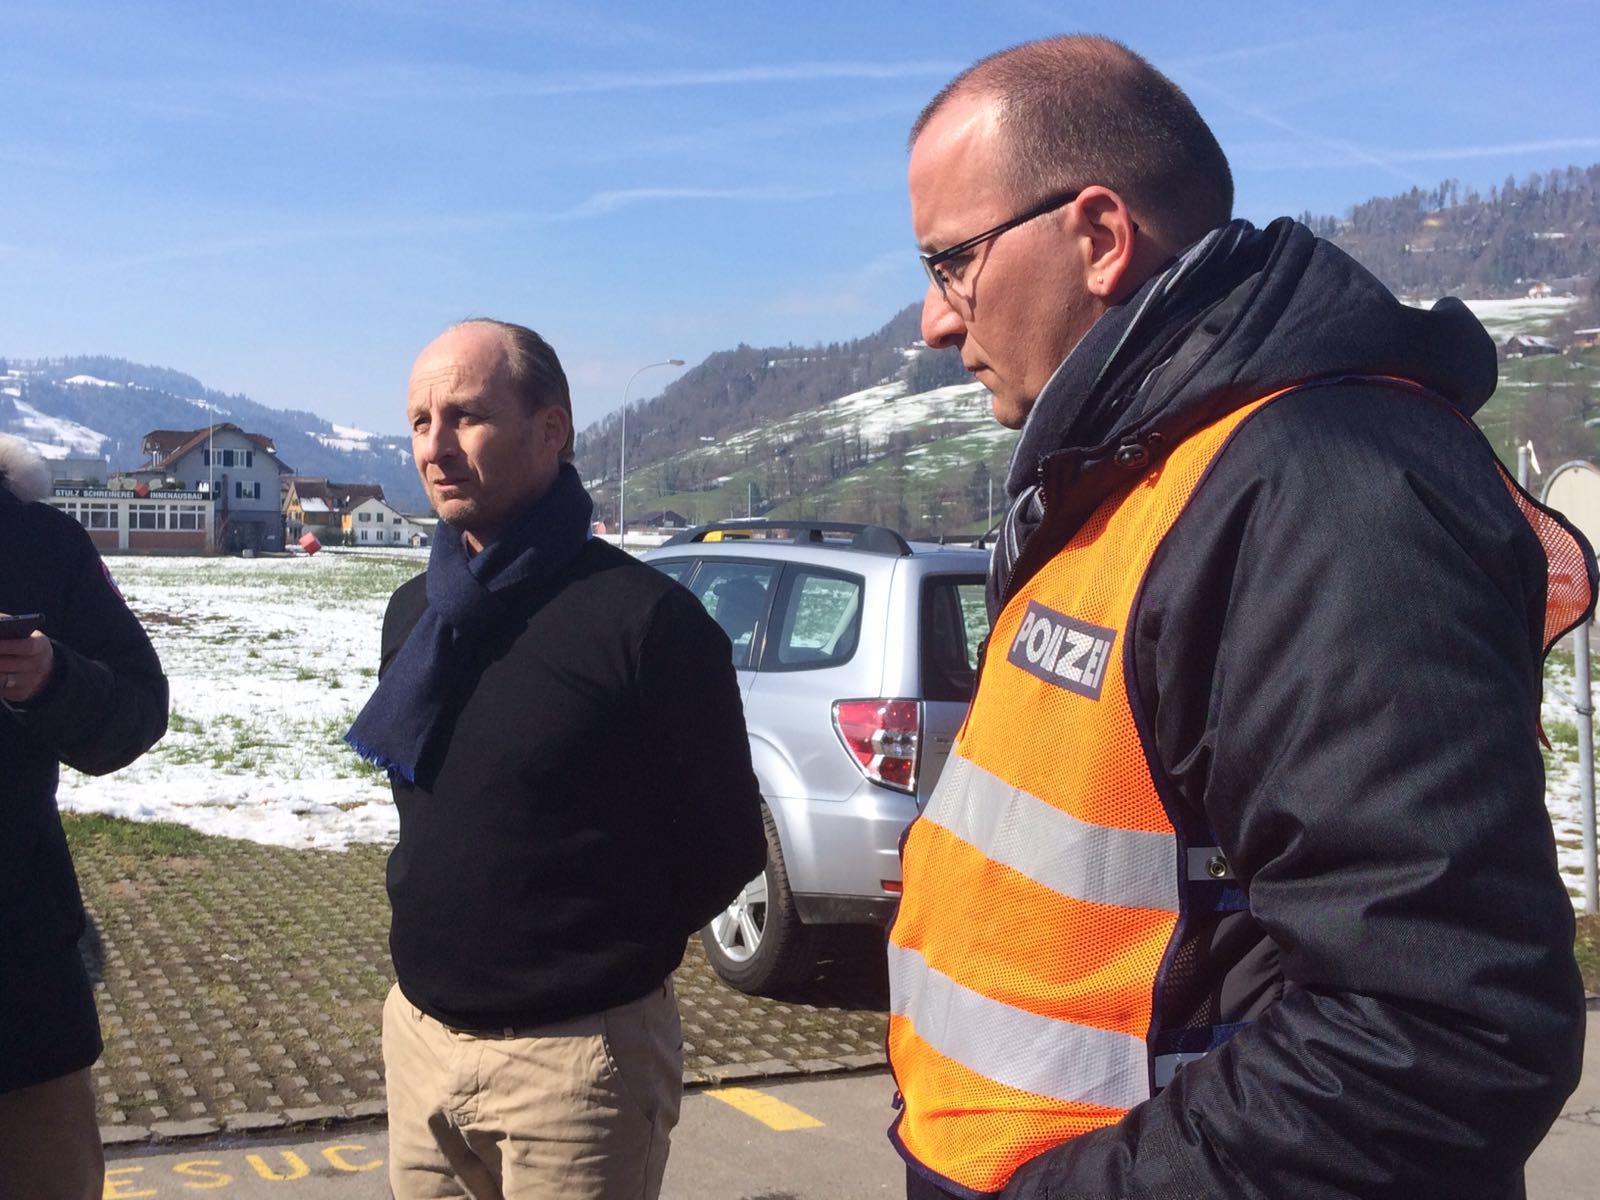 Urs Wigger, Sprecher der Luzerner Polizei, und Simon Kopp, Sprecher der Luzerner Staatsanwaltschaft, informierten die Medien vor Ort über den Ausgang des Polizei-Grosseinsatzes.